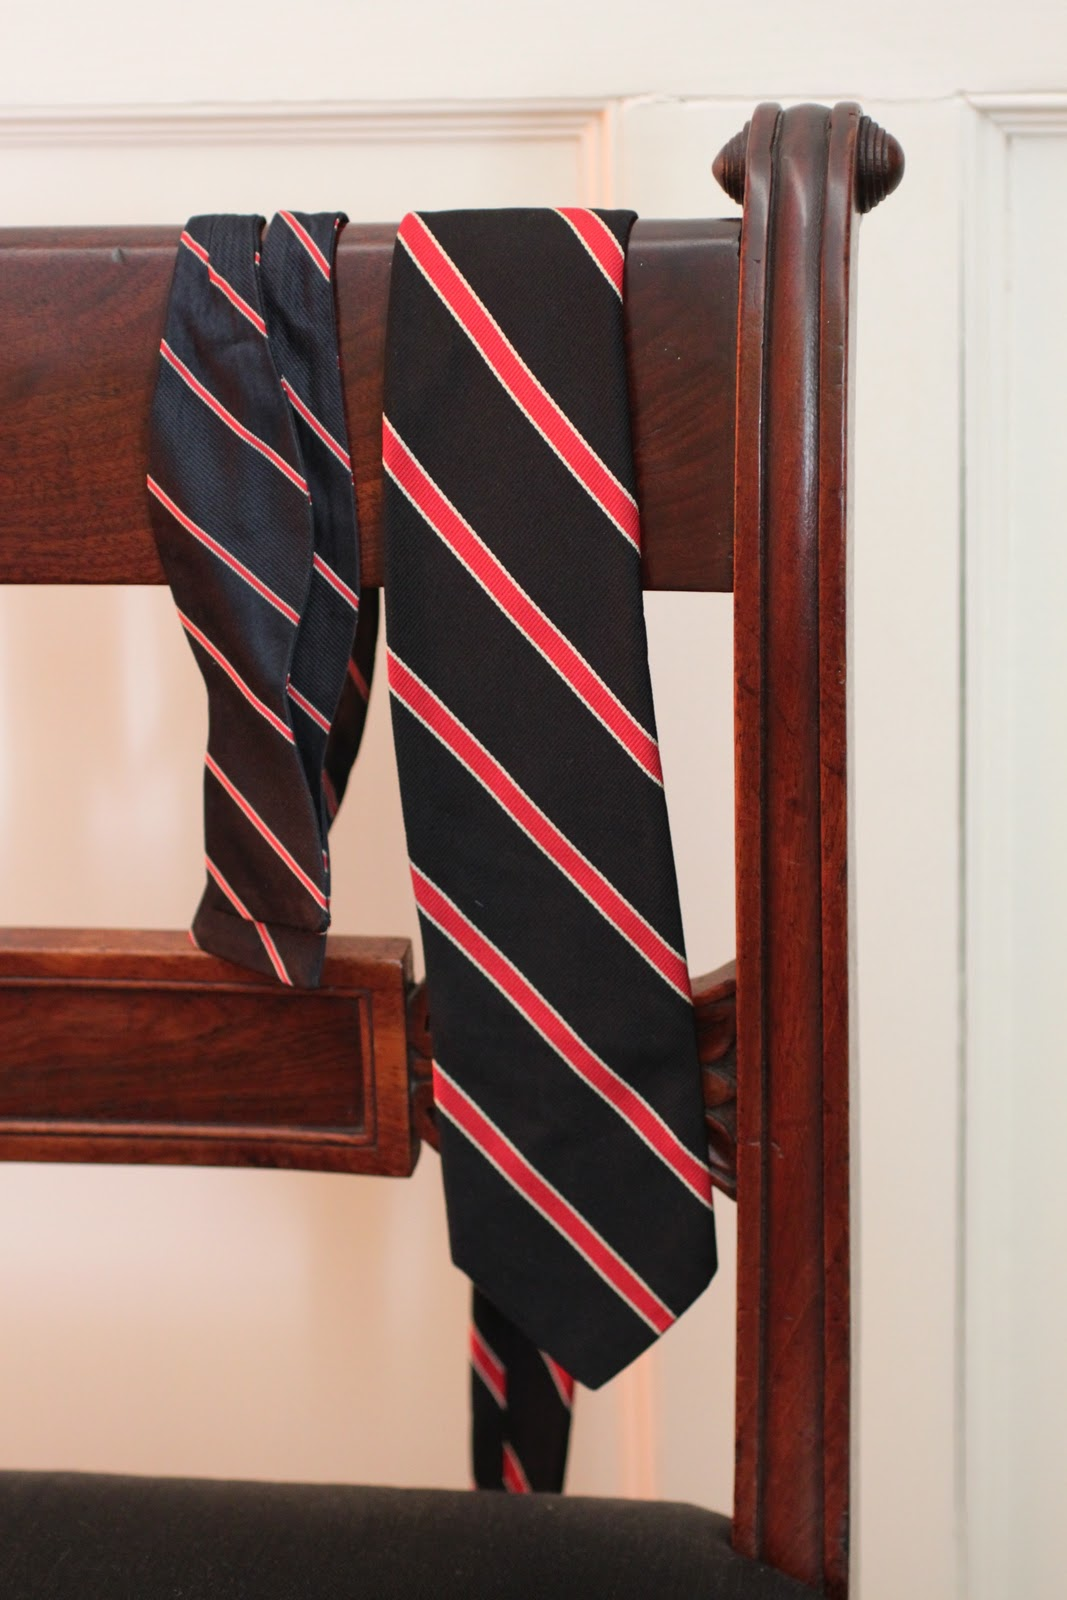 f26b2fdd381f Reggie Darling  One s Old School Ties